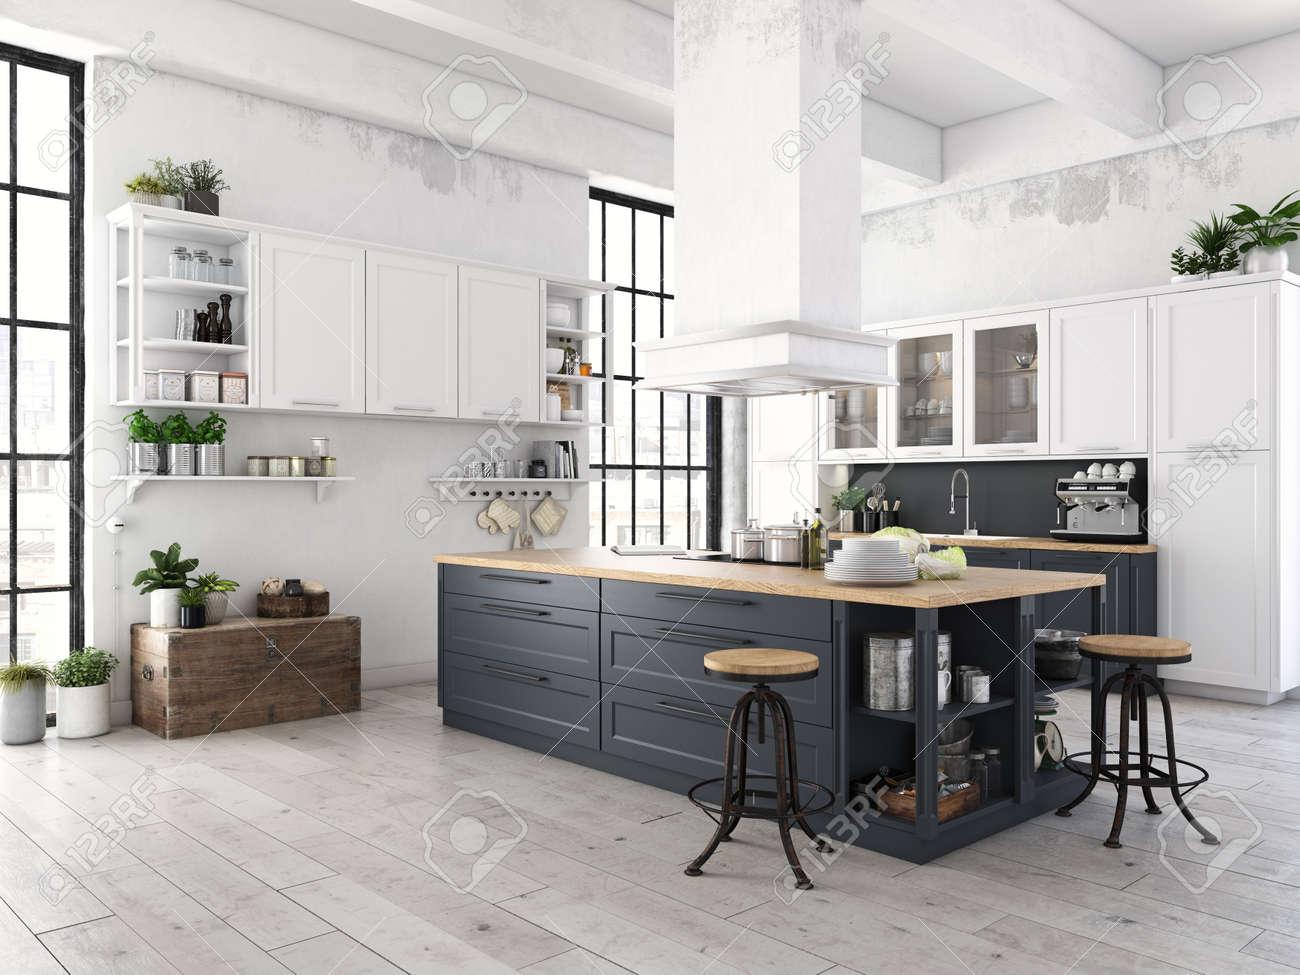 Moderne nordische küche in loft wohnung d rendering lizenzfreie